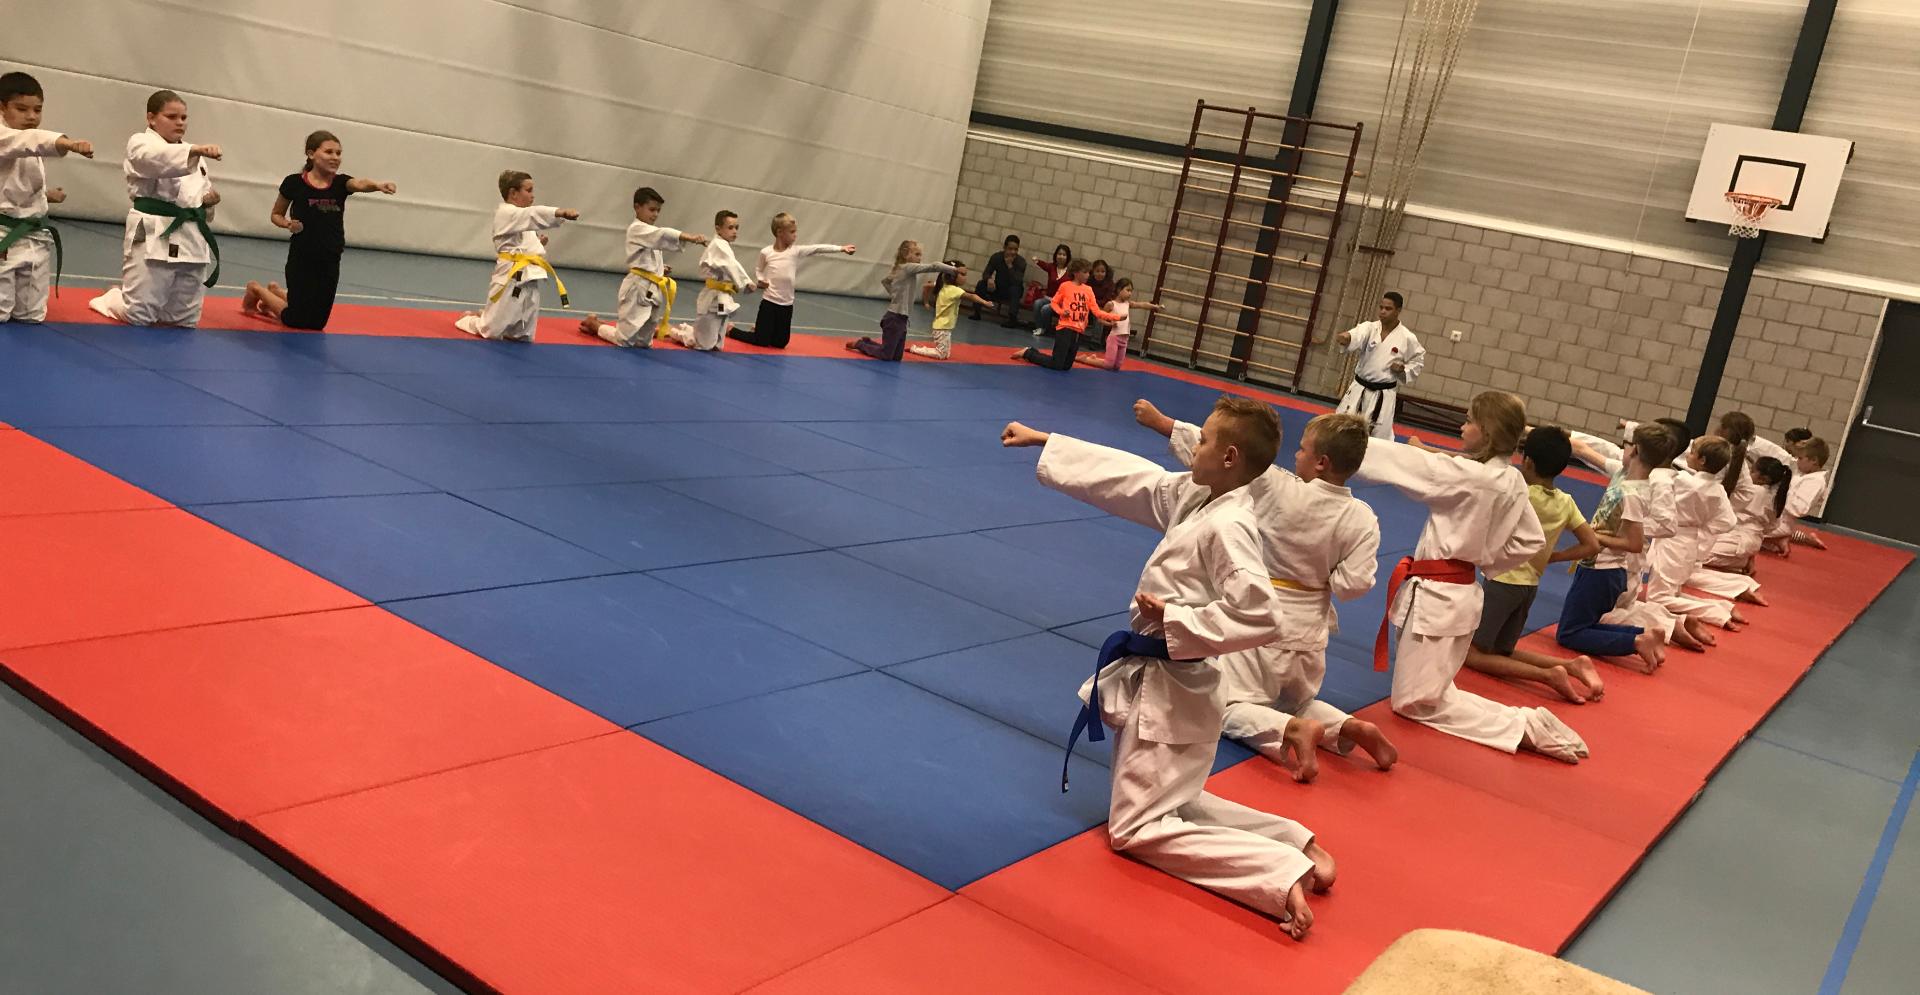 Weerbaarheid trainen met jiu-jitsu zelfverdediging technieken